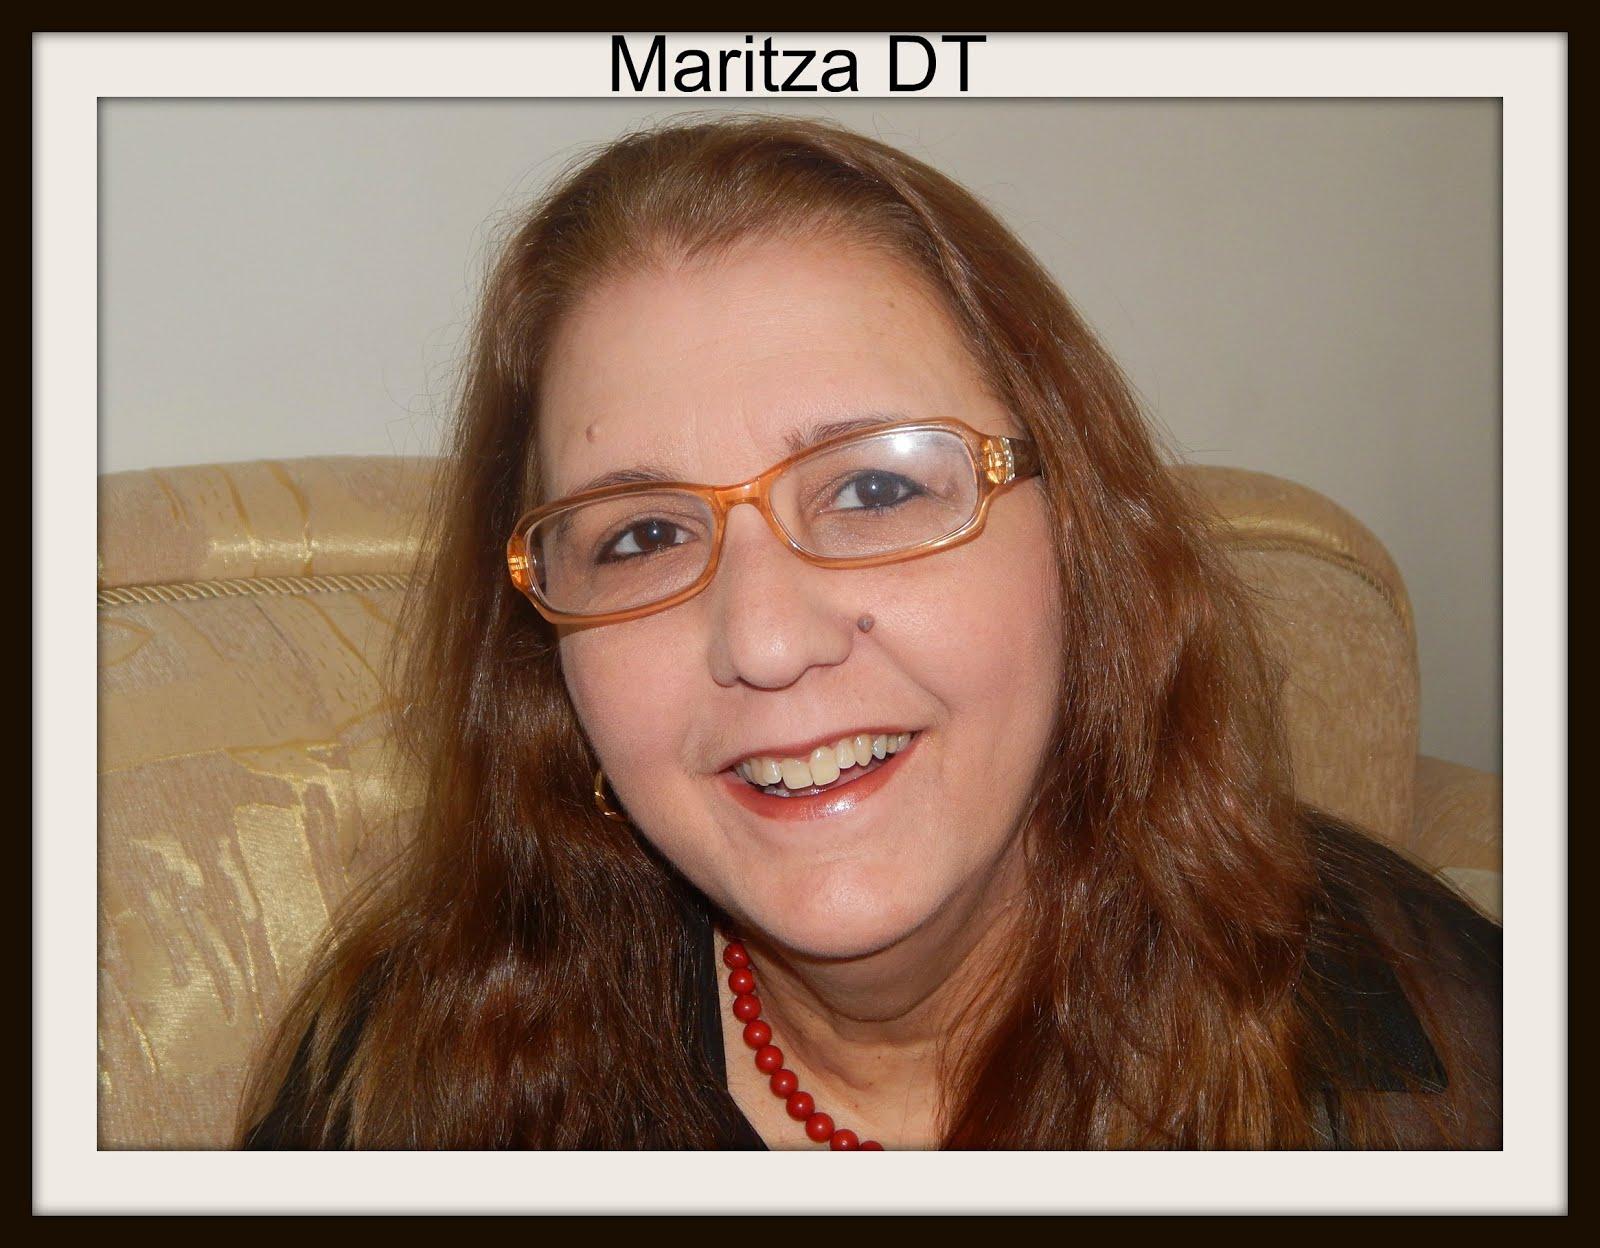 Maritza DT